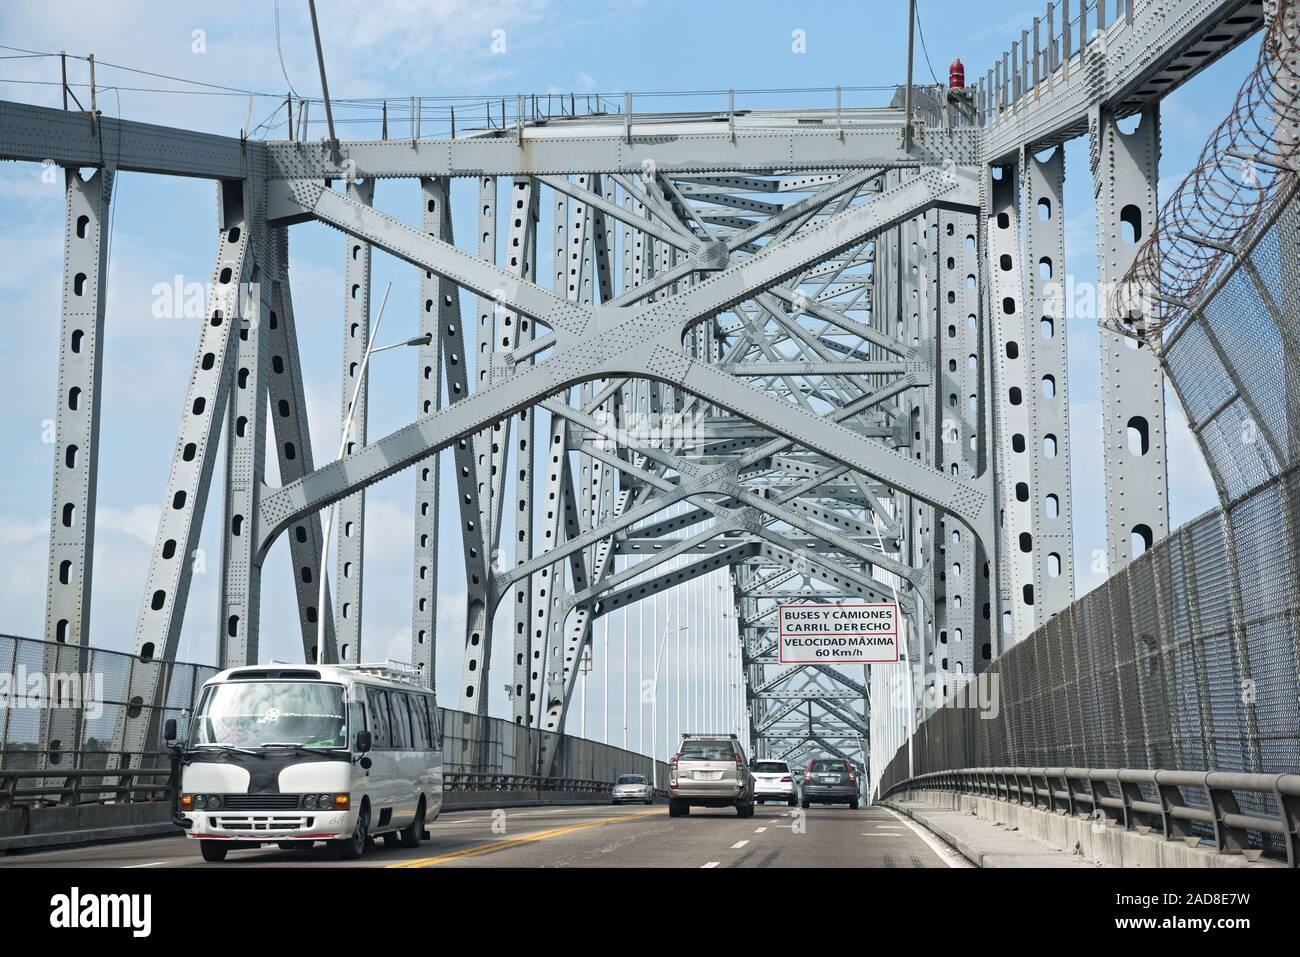 Le trafic routier sur le pont des amériques entrée du canal de Panama à l'ouest de la ville de Panama, p Banque D'Images